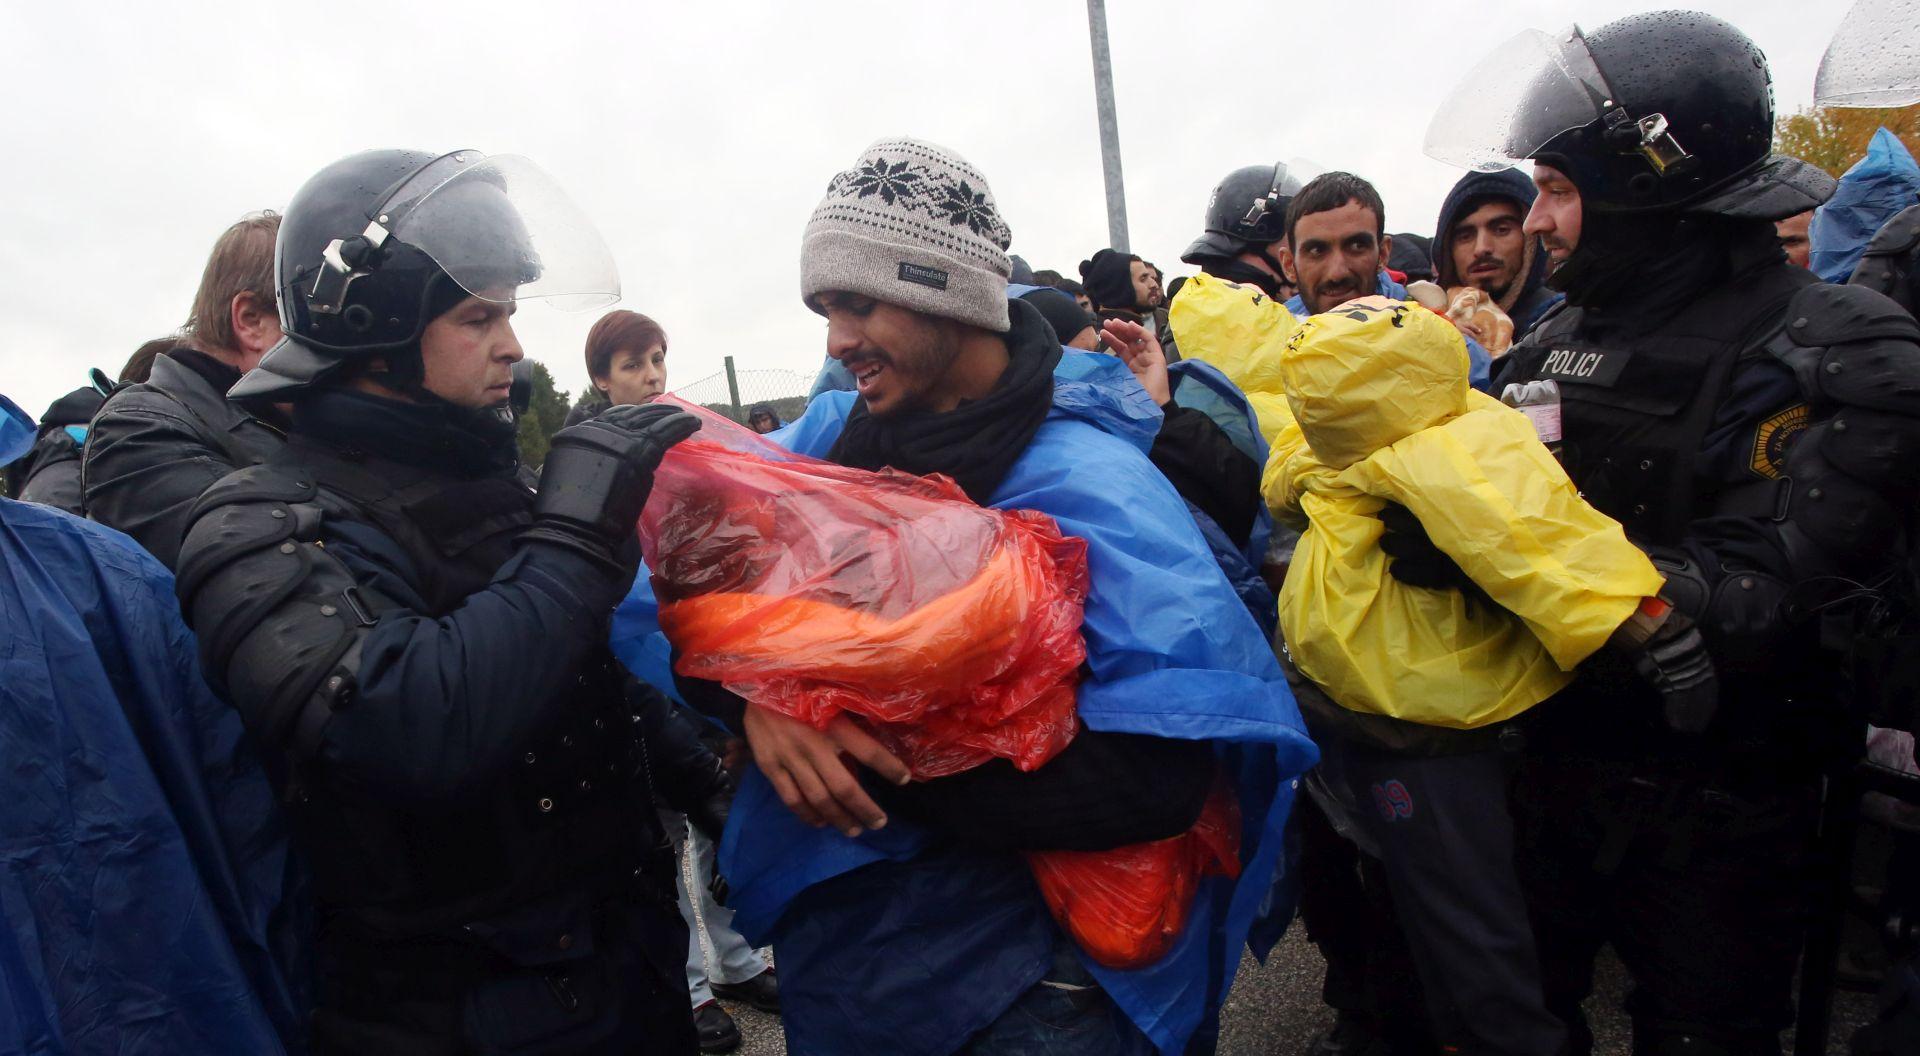 IZBJEGLIČKA KRIZA Slovenija dopustila ulazak 500 izbjeglica preko GP Trnovec, nesporazum policije i novinara na srpsko-hrvatskoj granici